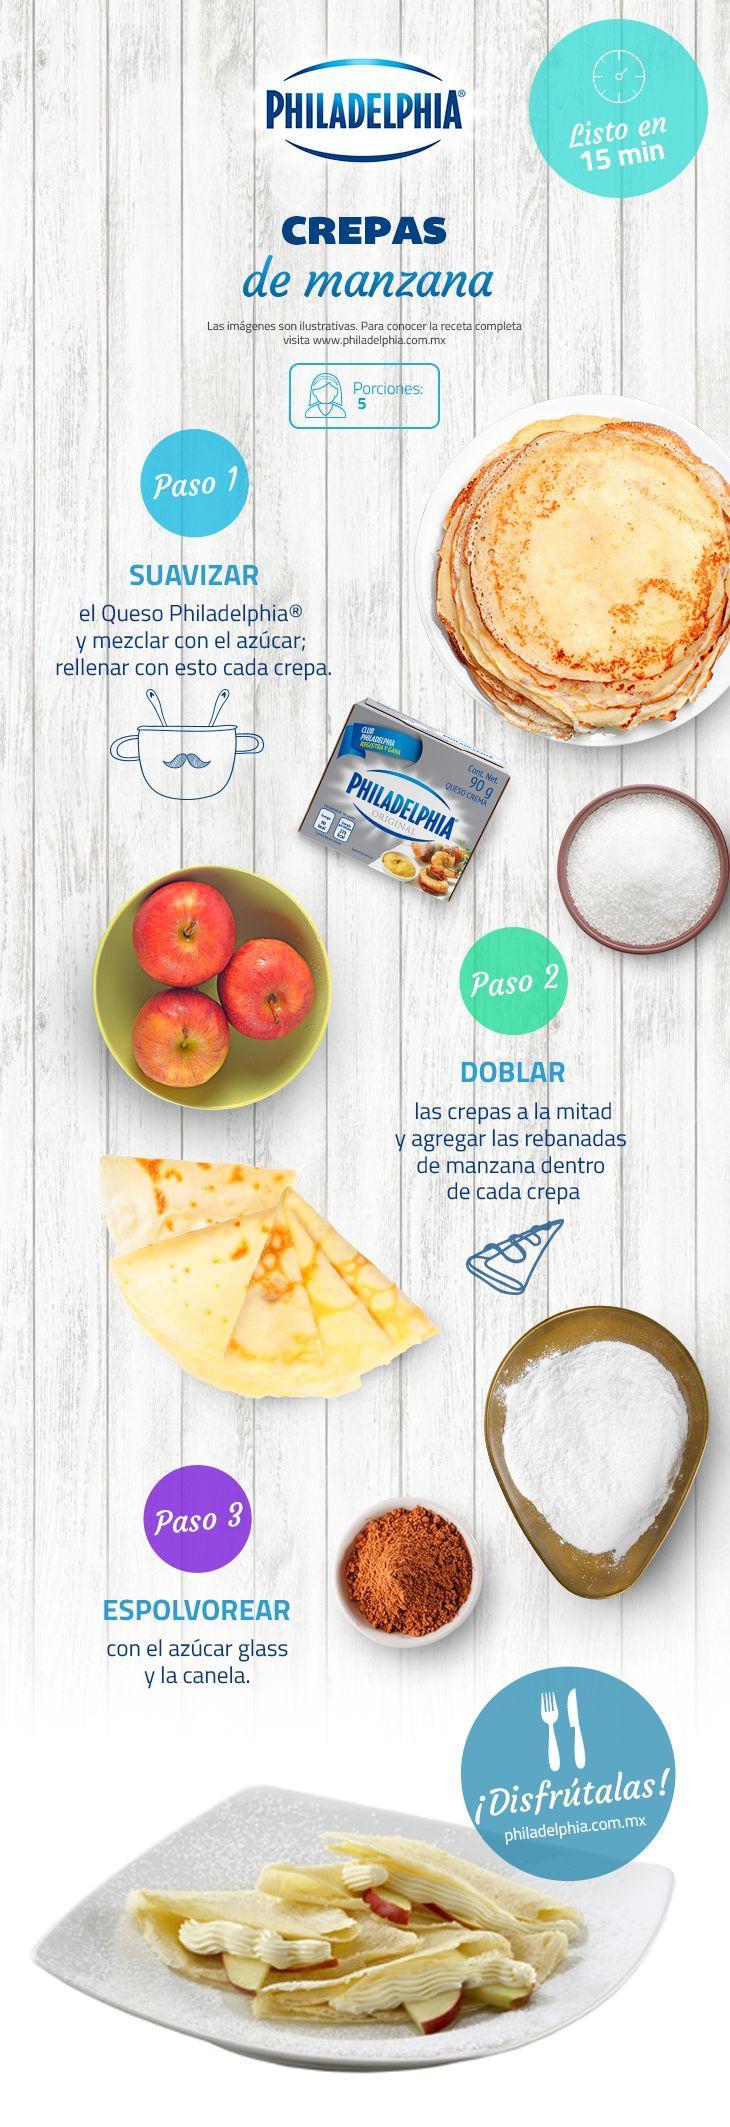 Deliciosa Crepas de manzana hechas con el inigualable sabor de Queso Philadelphia®.